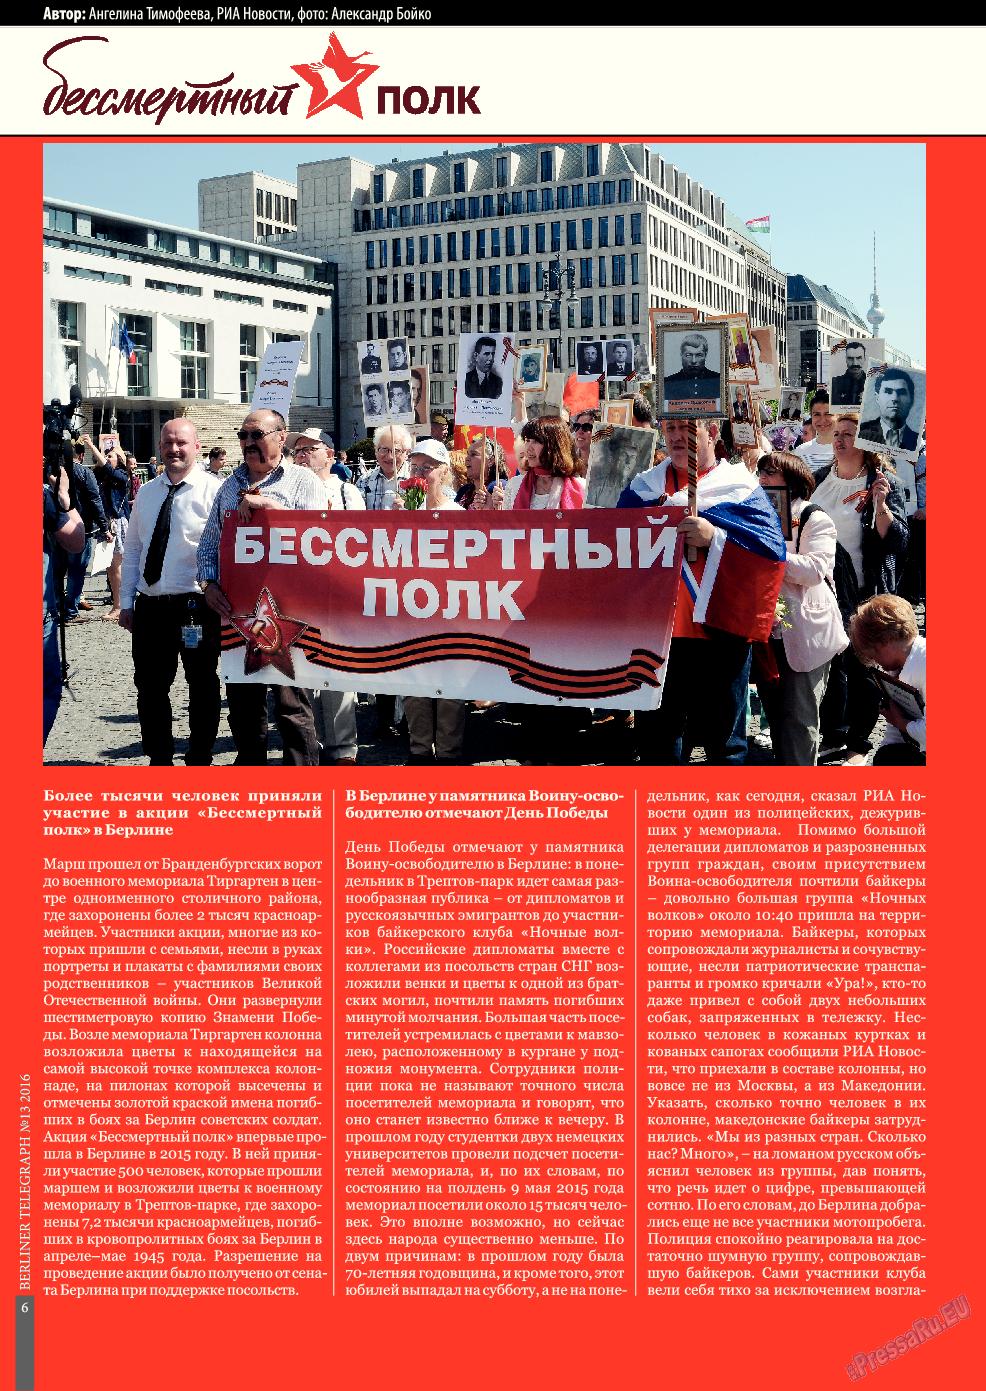 Берлинский телеграф (журнал). 2016 год, номер 13, стр. 6